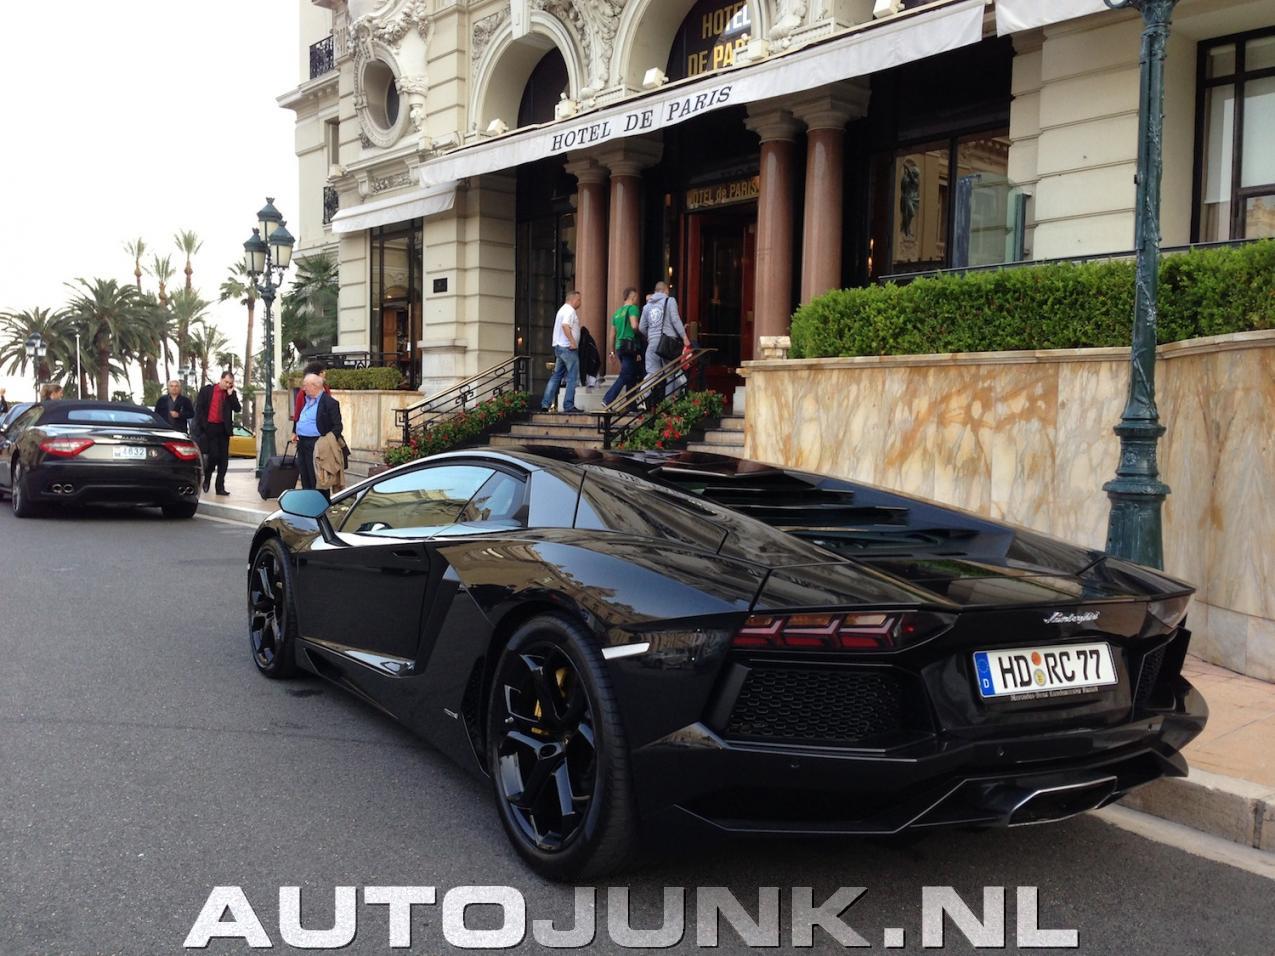 Blacked Out Lamborghini Aventador